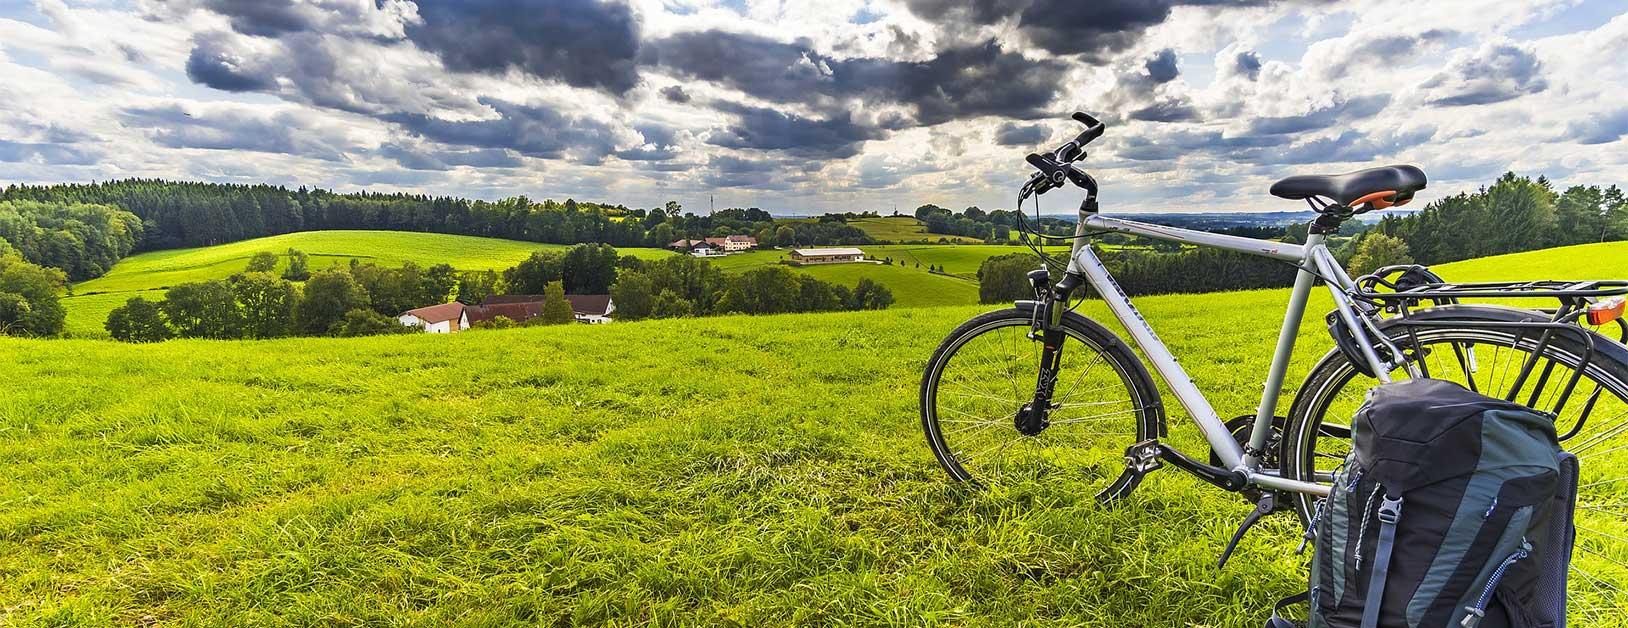 Fahrrad auf grüner Wiese, Horizont im Hintergrund